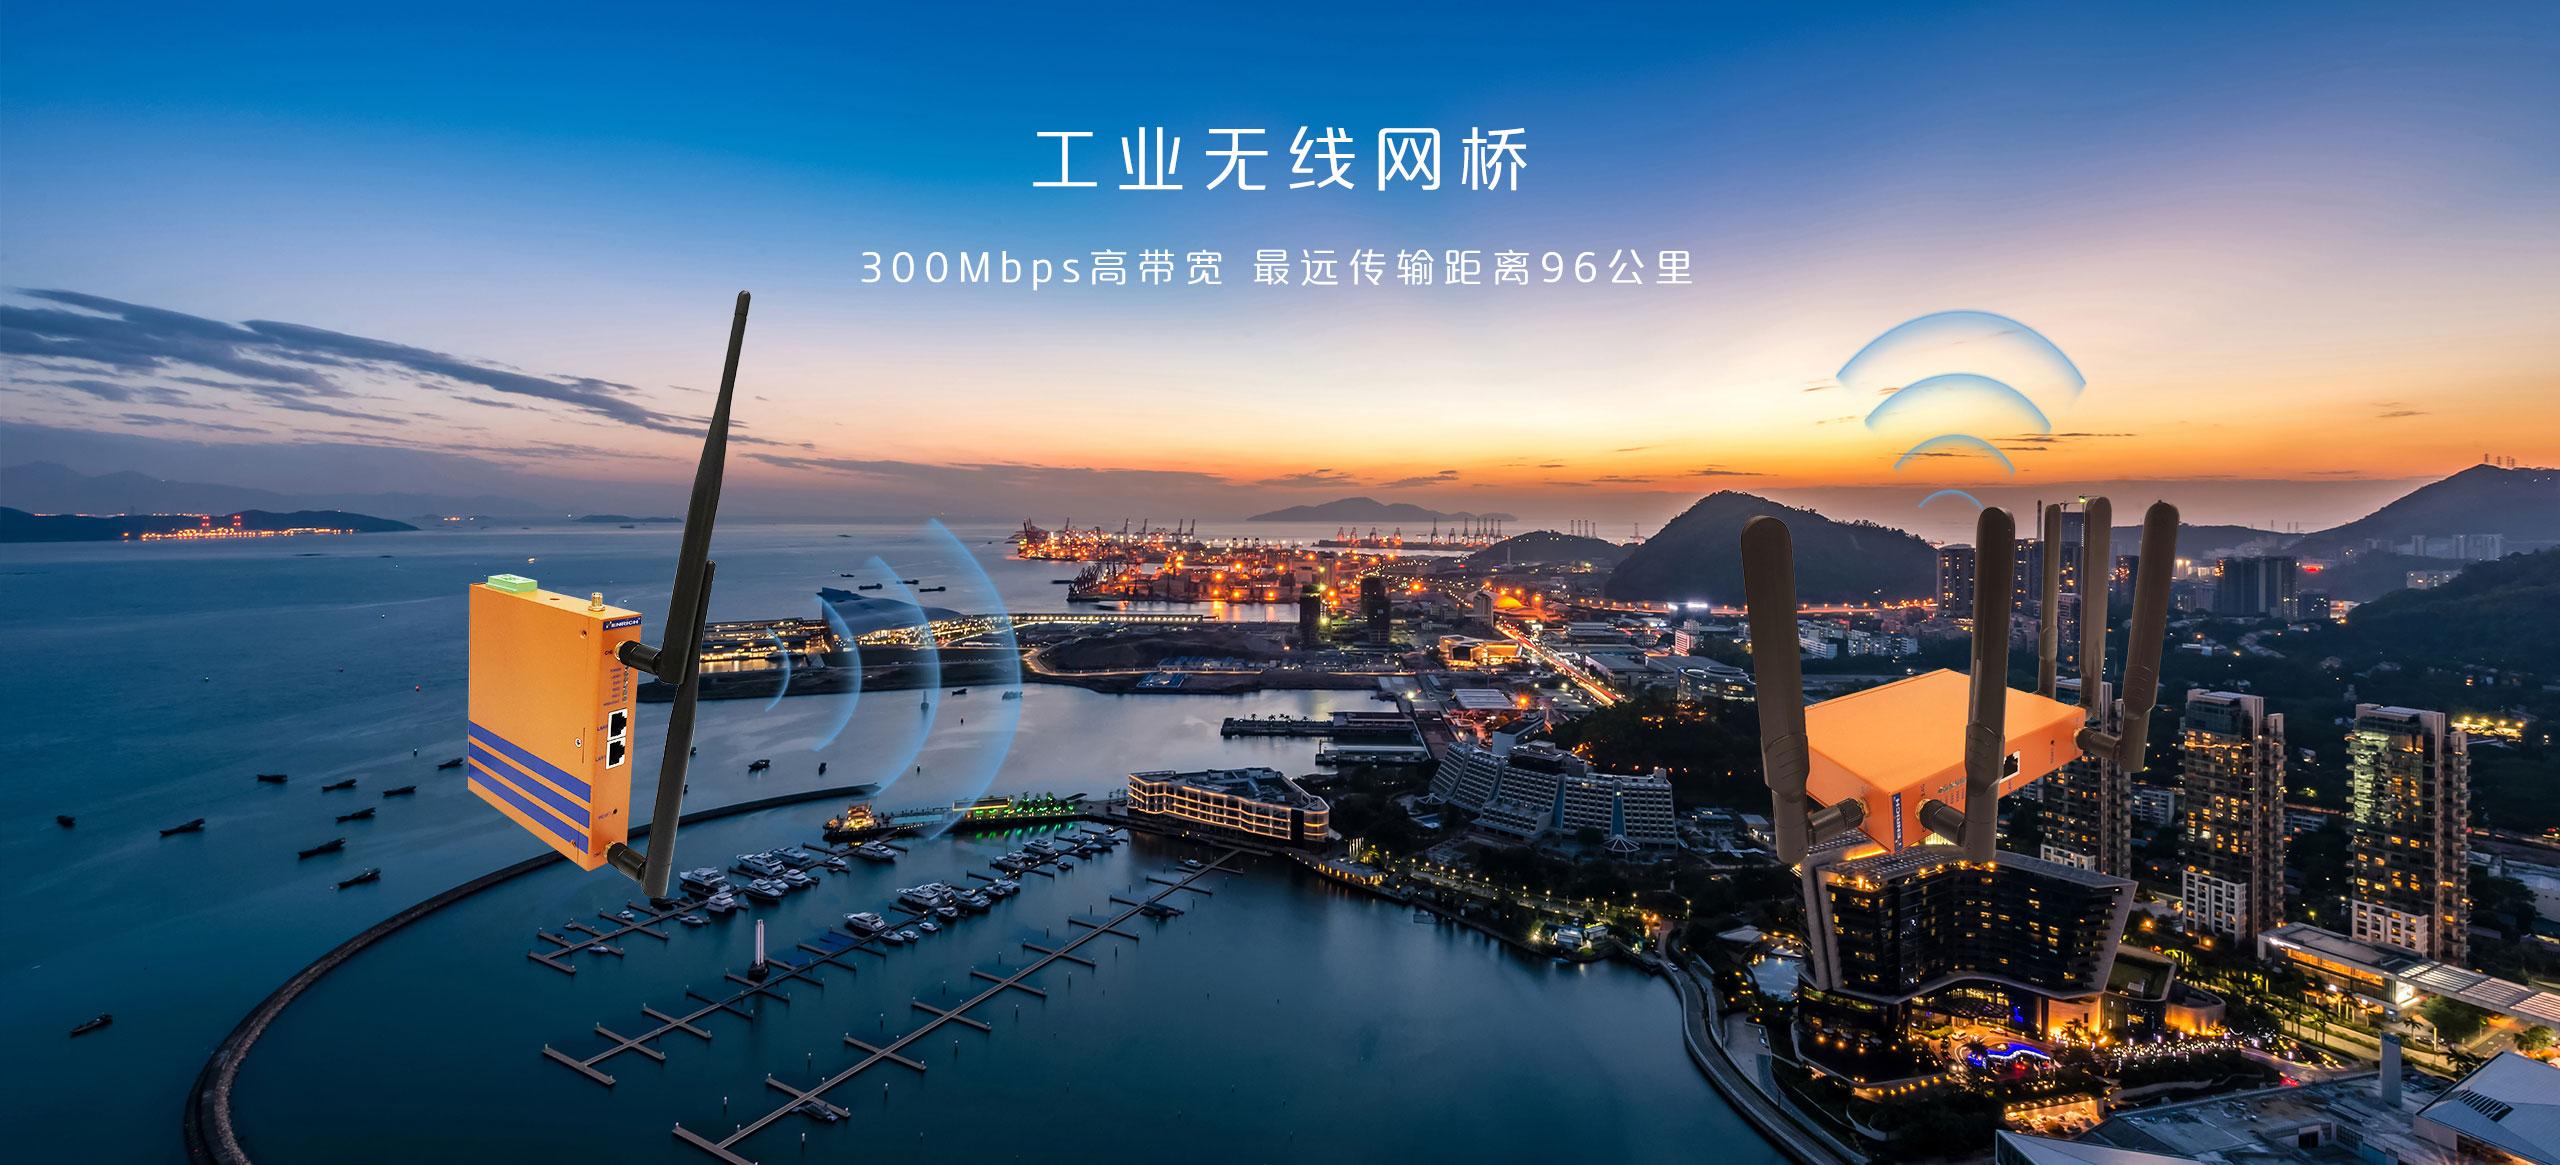 工業無線網橋(qiao)